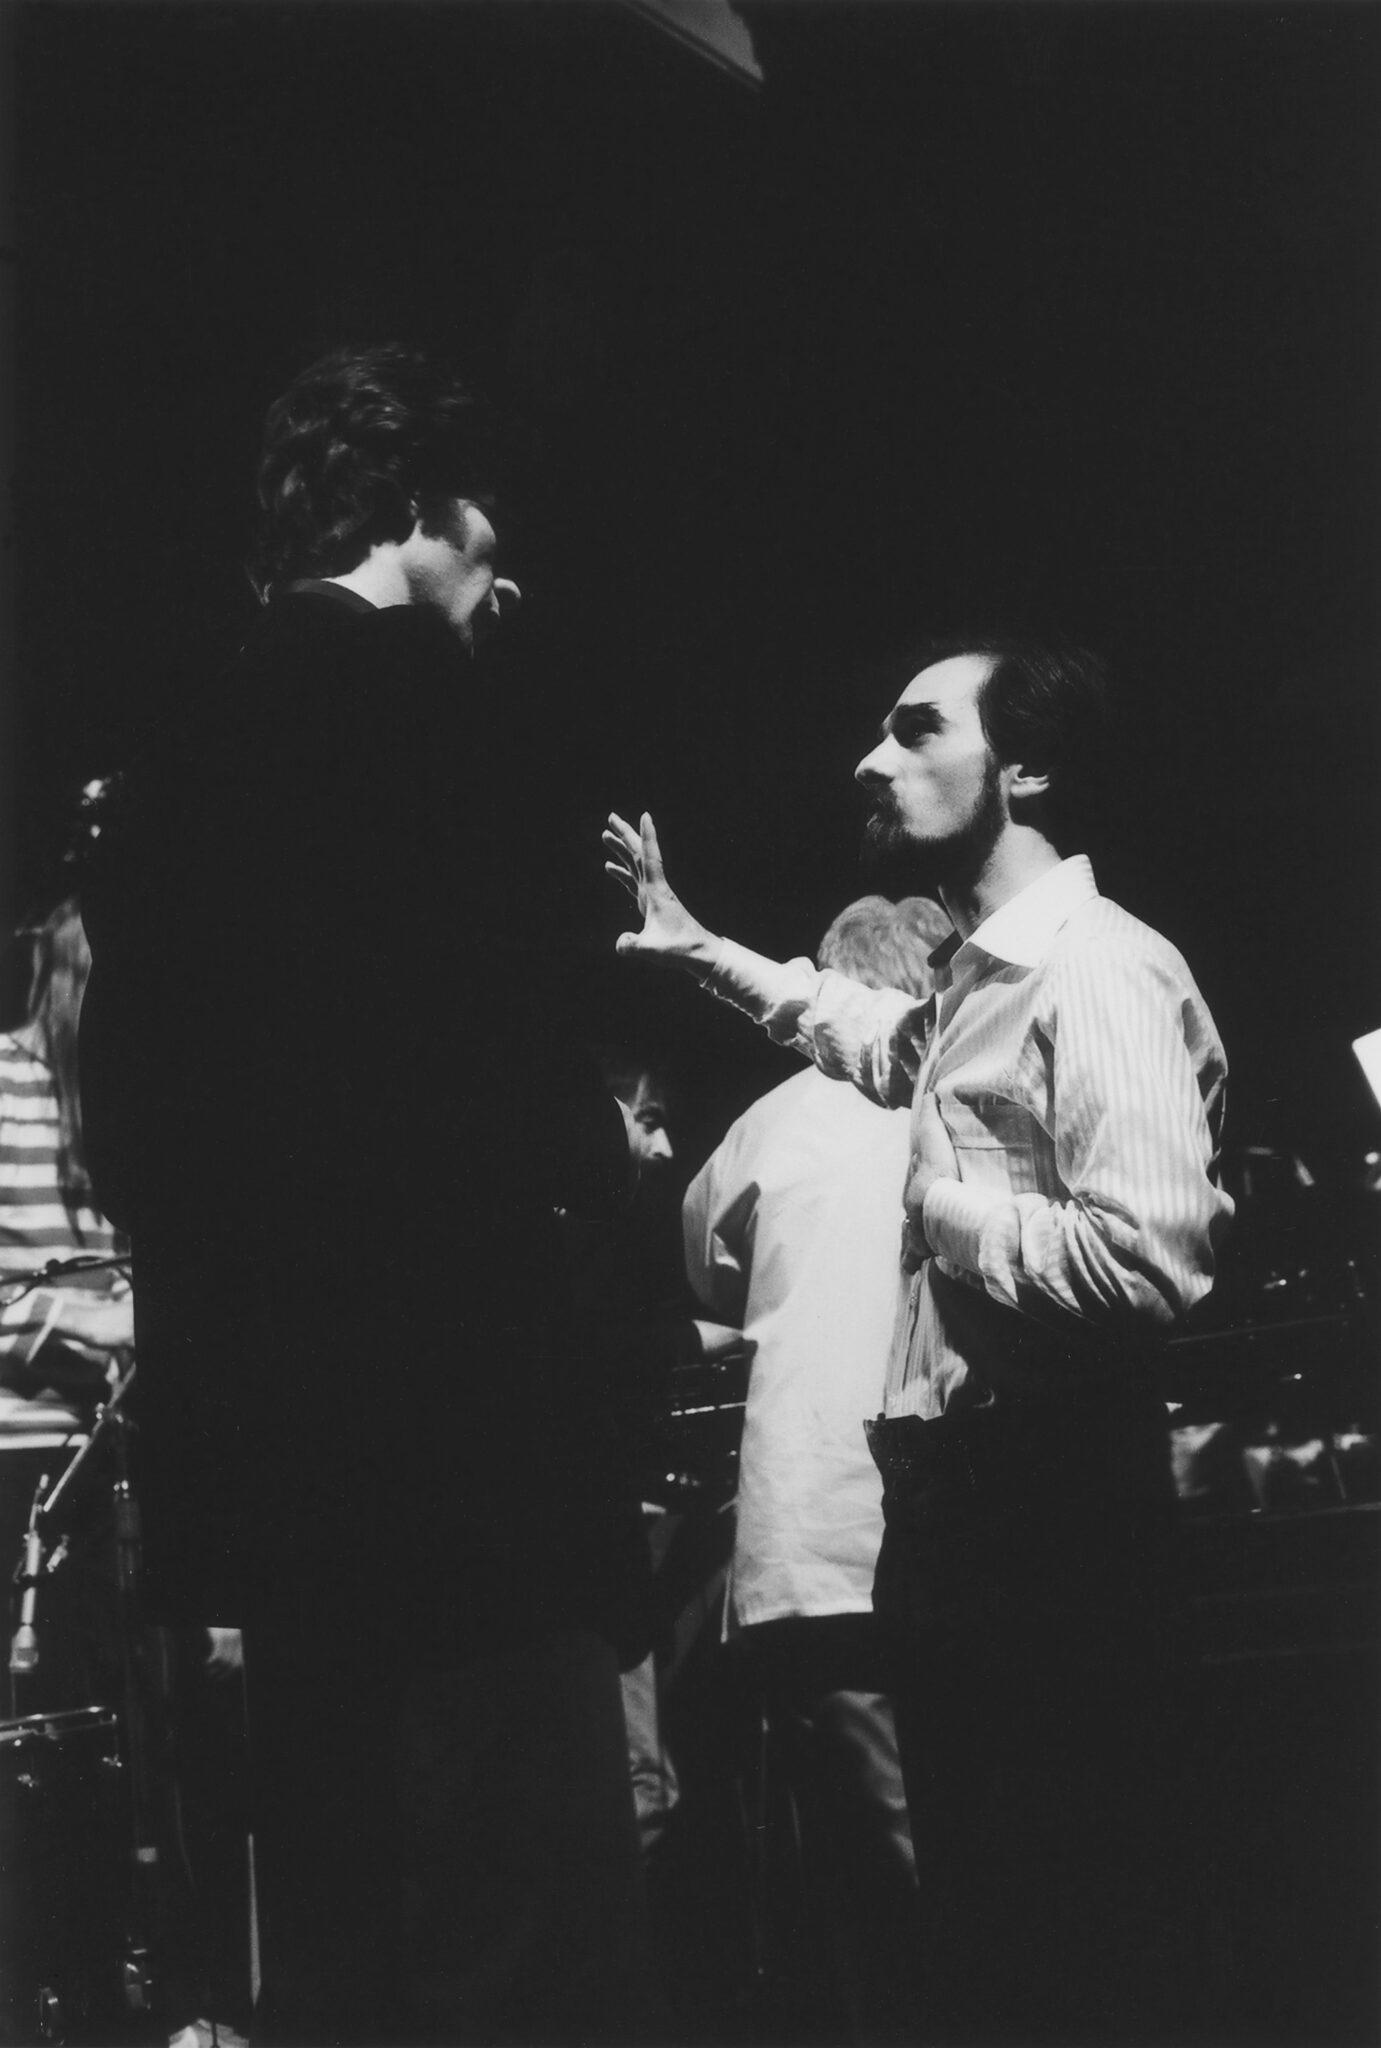 Das Schwarz-Weiß-Bild zeigt Robbie Robertson und Martin Scorsese hinter den Kulissen zu The Last Waltz in einem Gespräch vertieft.